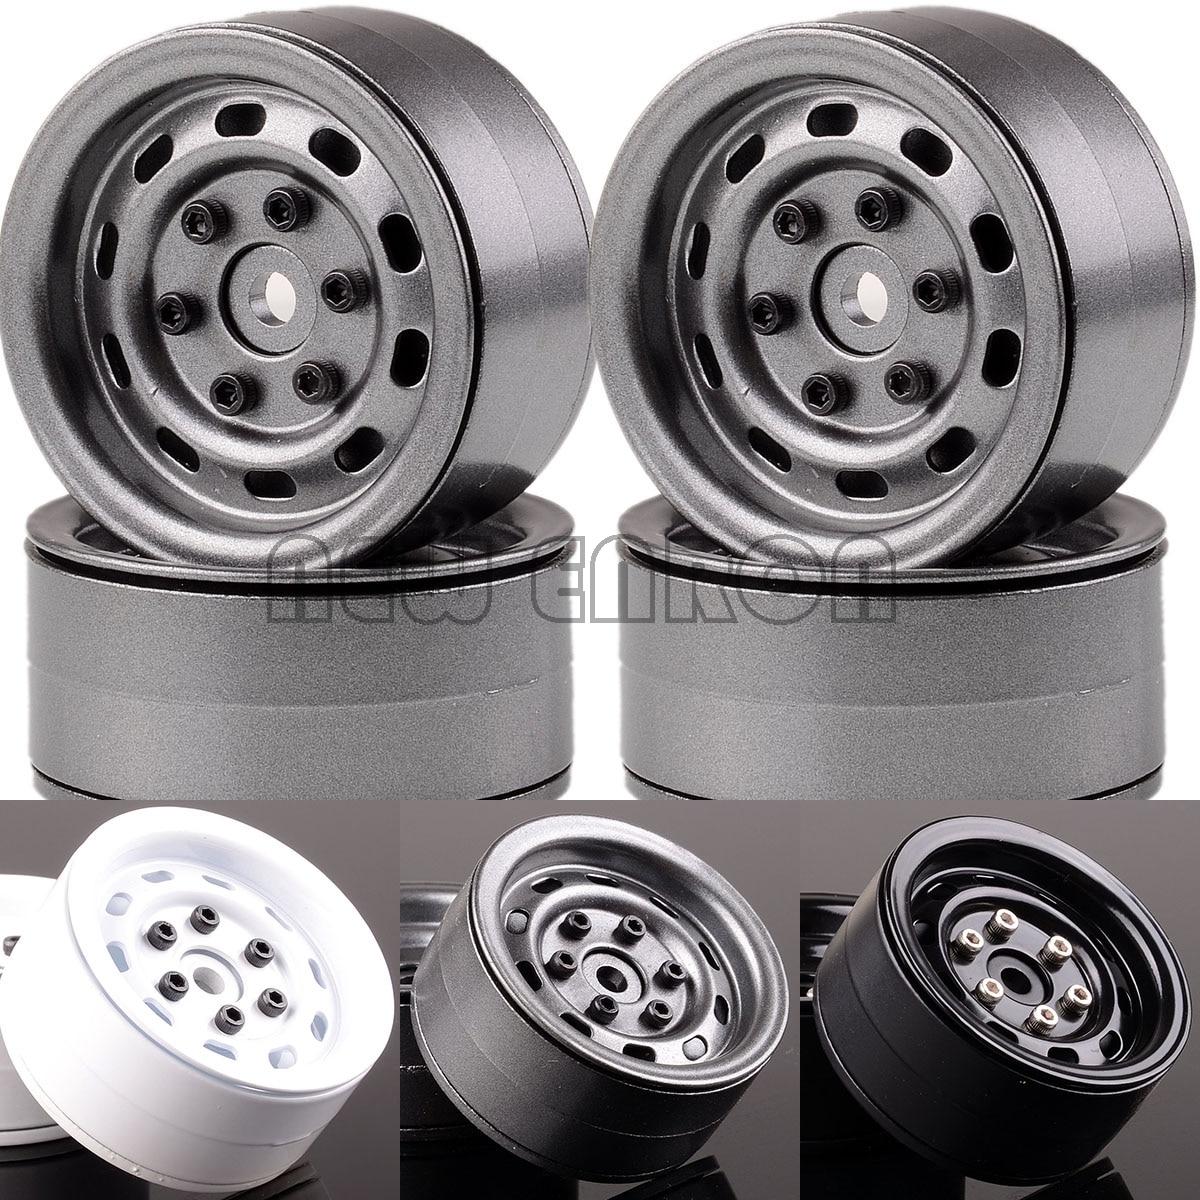 Nuevo ENRON, 4 Uds., 1,9 pulgadas, llantas de aluminio con abalorios, 1067 RC 1/10 Rock Crawler SCX10 TRX-4 D90 TRX-4 Tamiya CC01 MST jimny TF2